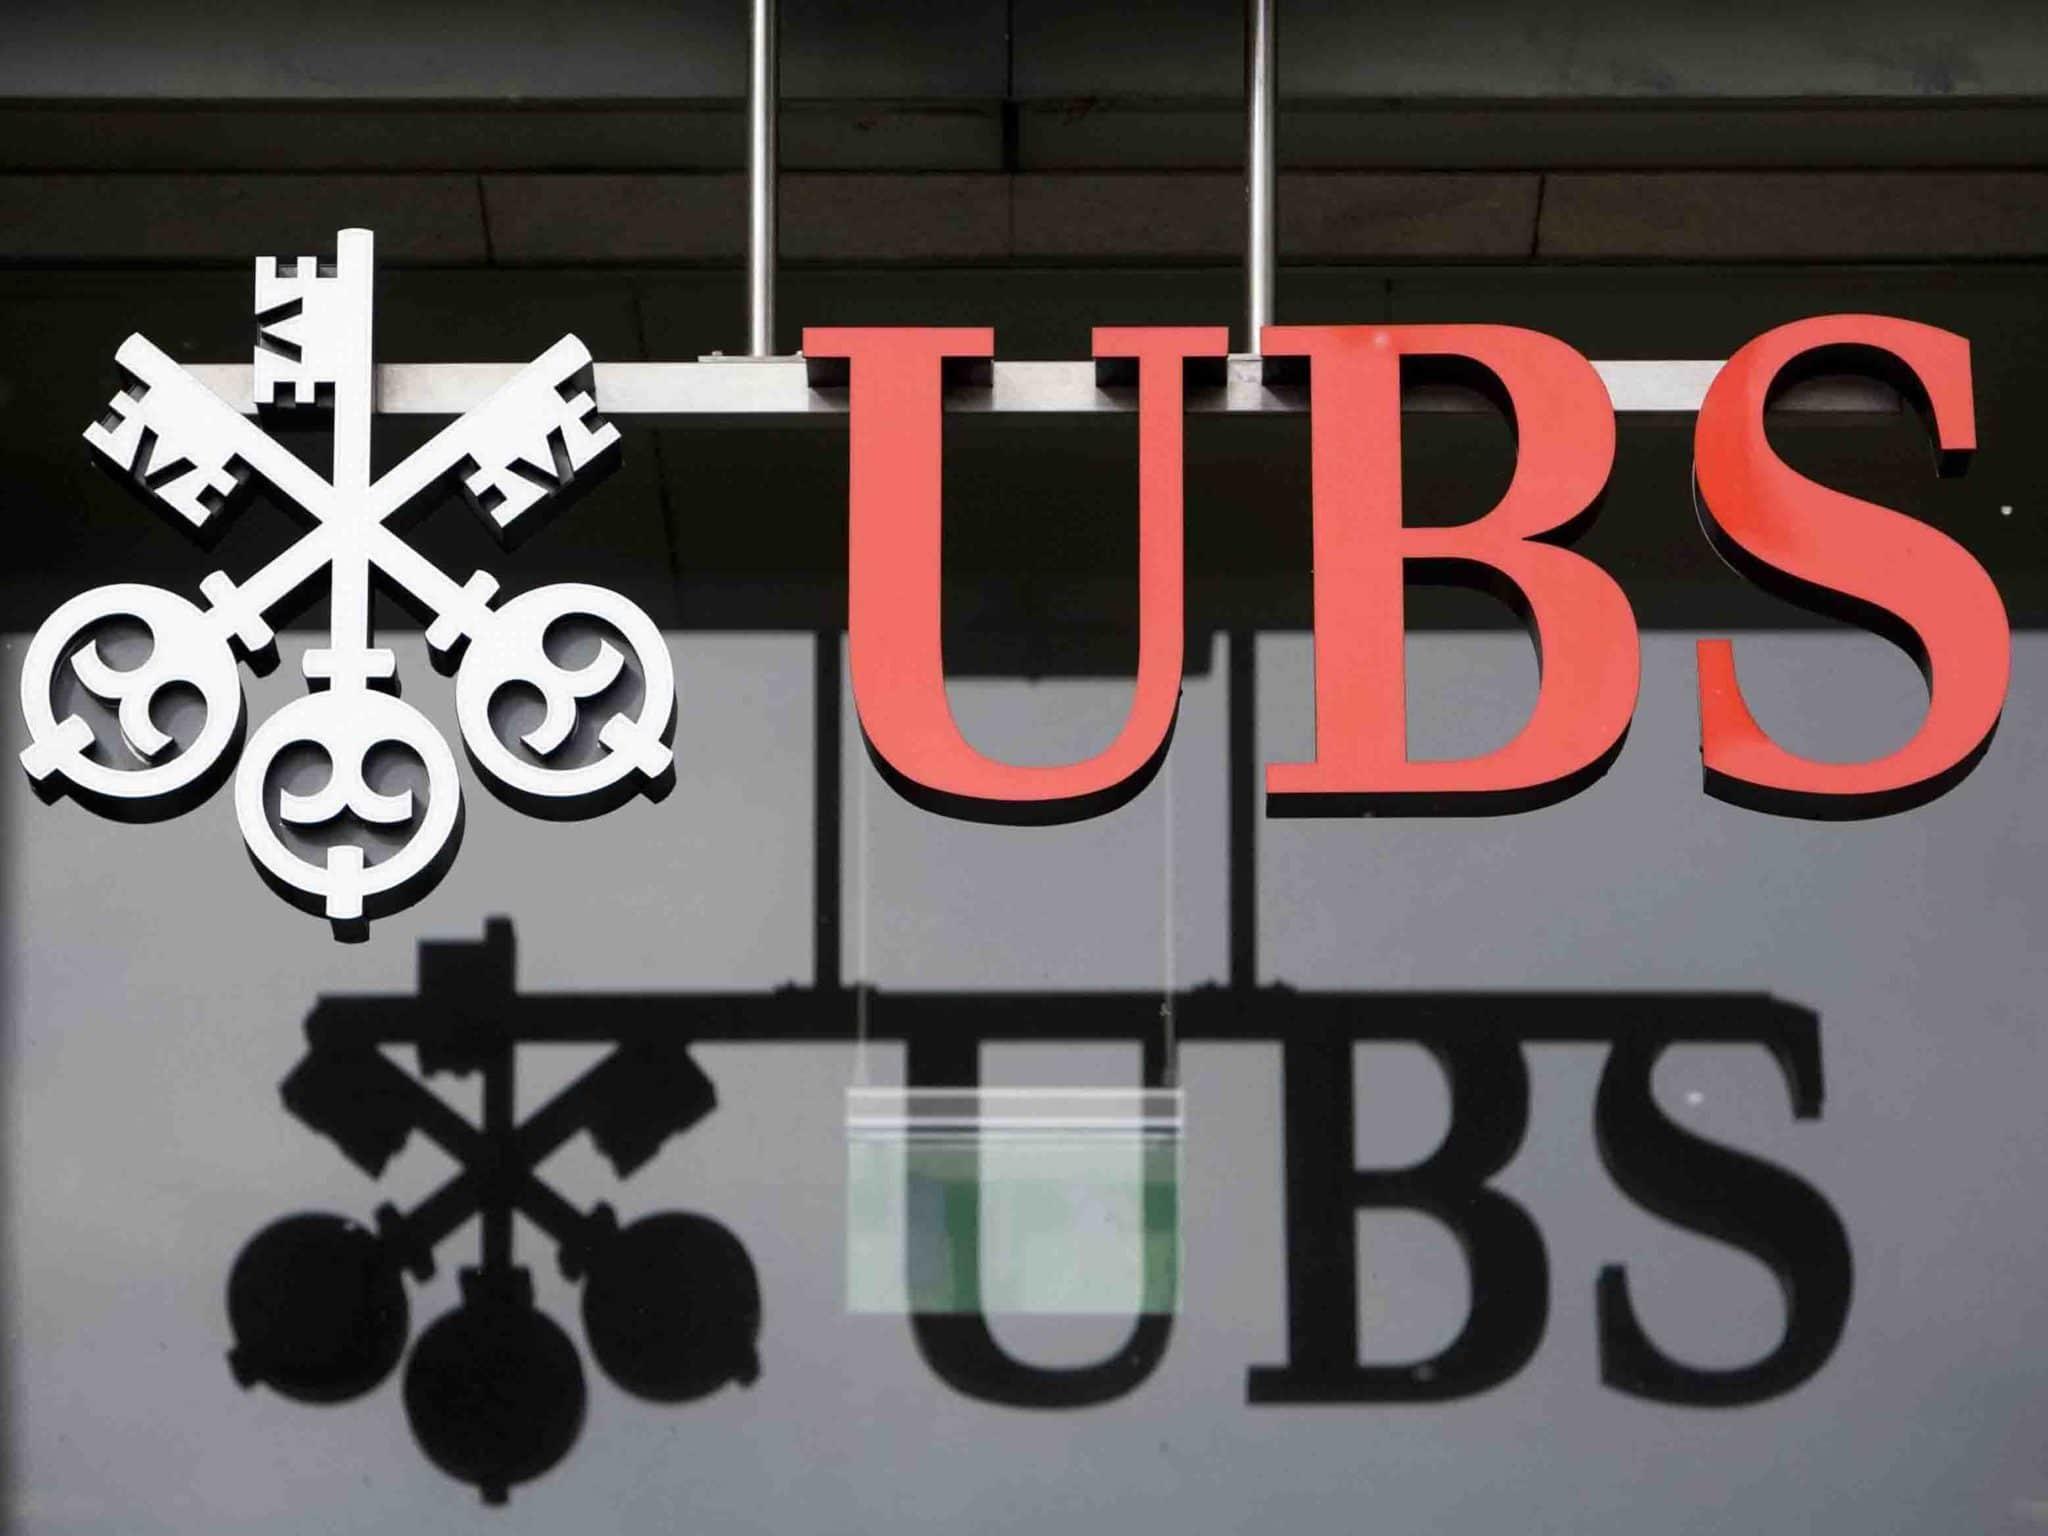 20000 salariés. Ce pourcentage de 2% pourrait rapidement dans un proche avenir prendre de la hauteur ! UBS, grand groupe bancaire Suisse a publié ce jour ses résultats trimestriels et les nouvelles ne sont